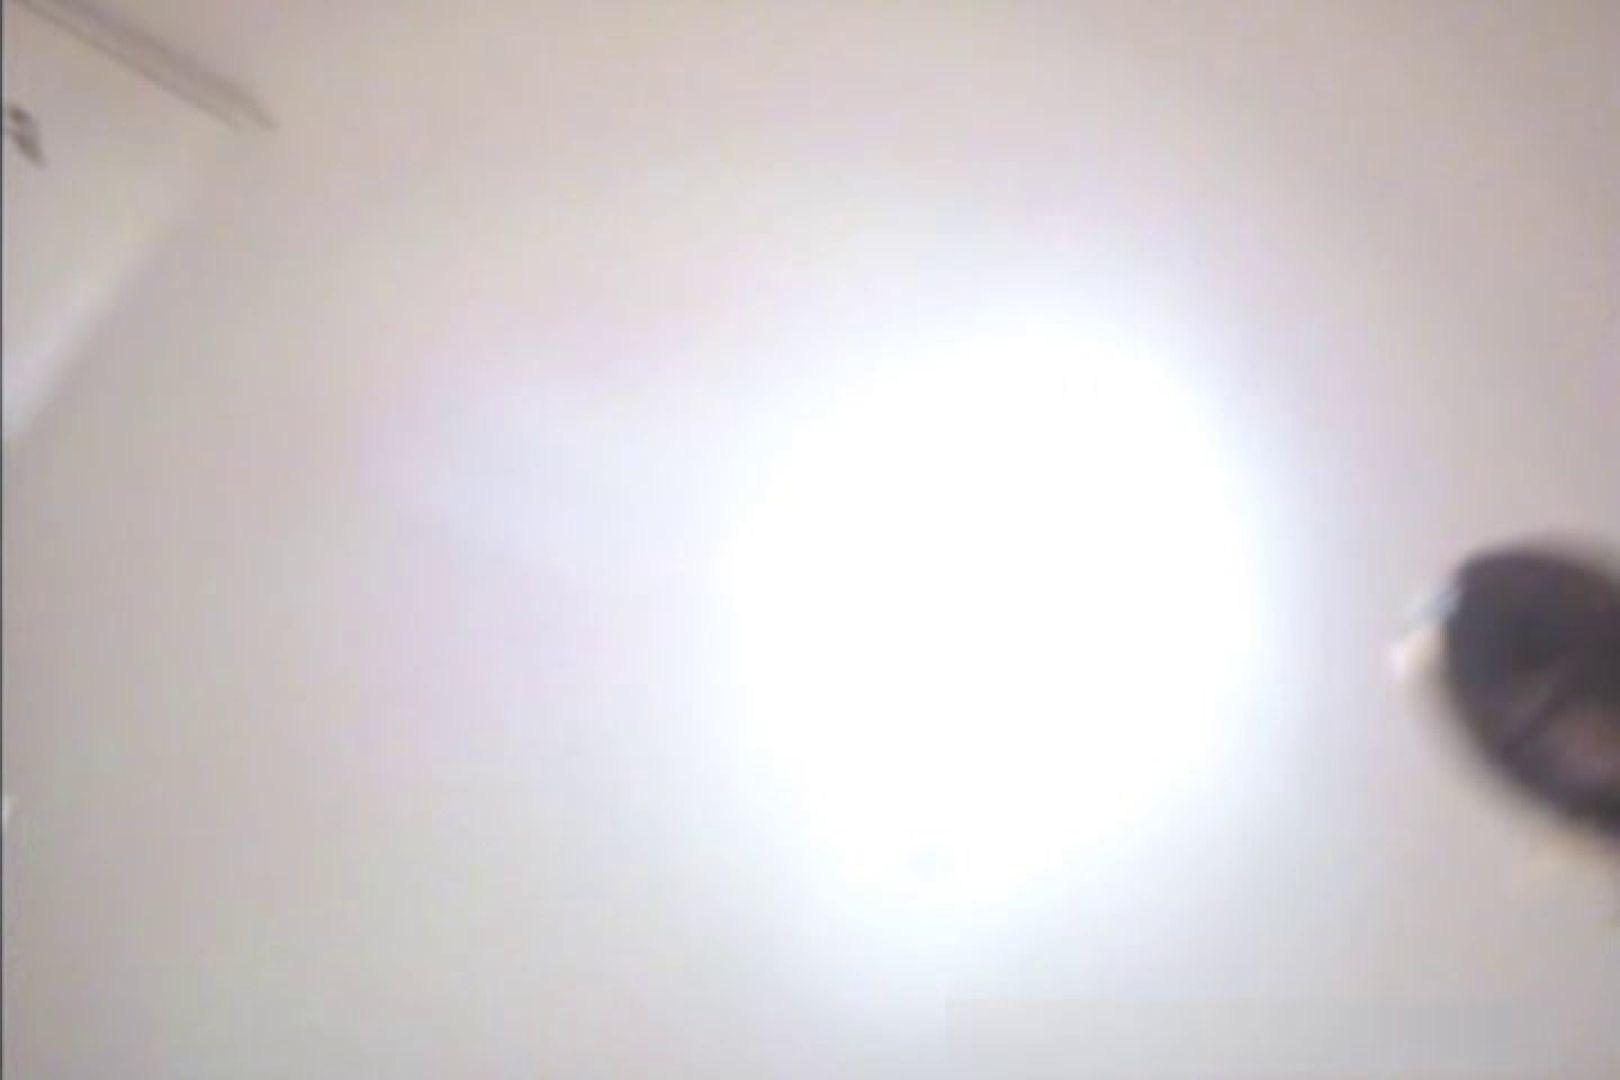 バモスさん投稿!パンチラの真髄!ショップ店員攻略法!VOL.01 チラ セックス無修正動画無料 90画像 51